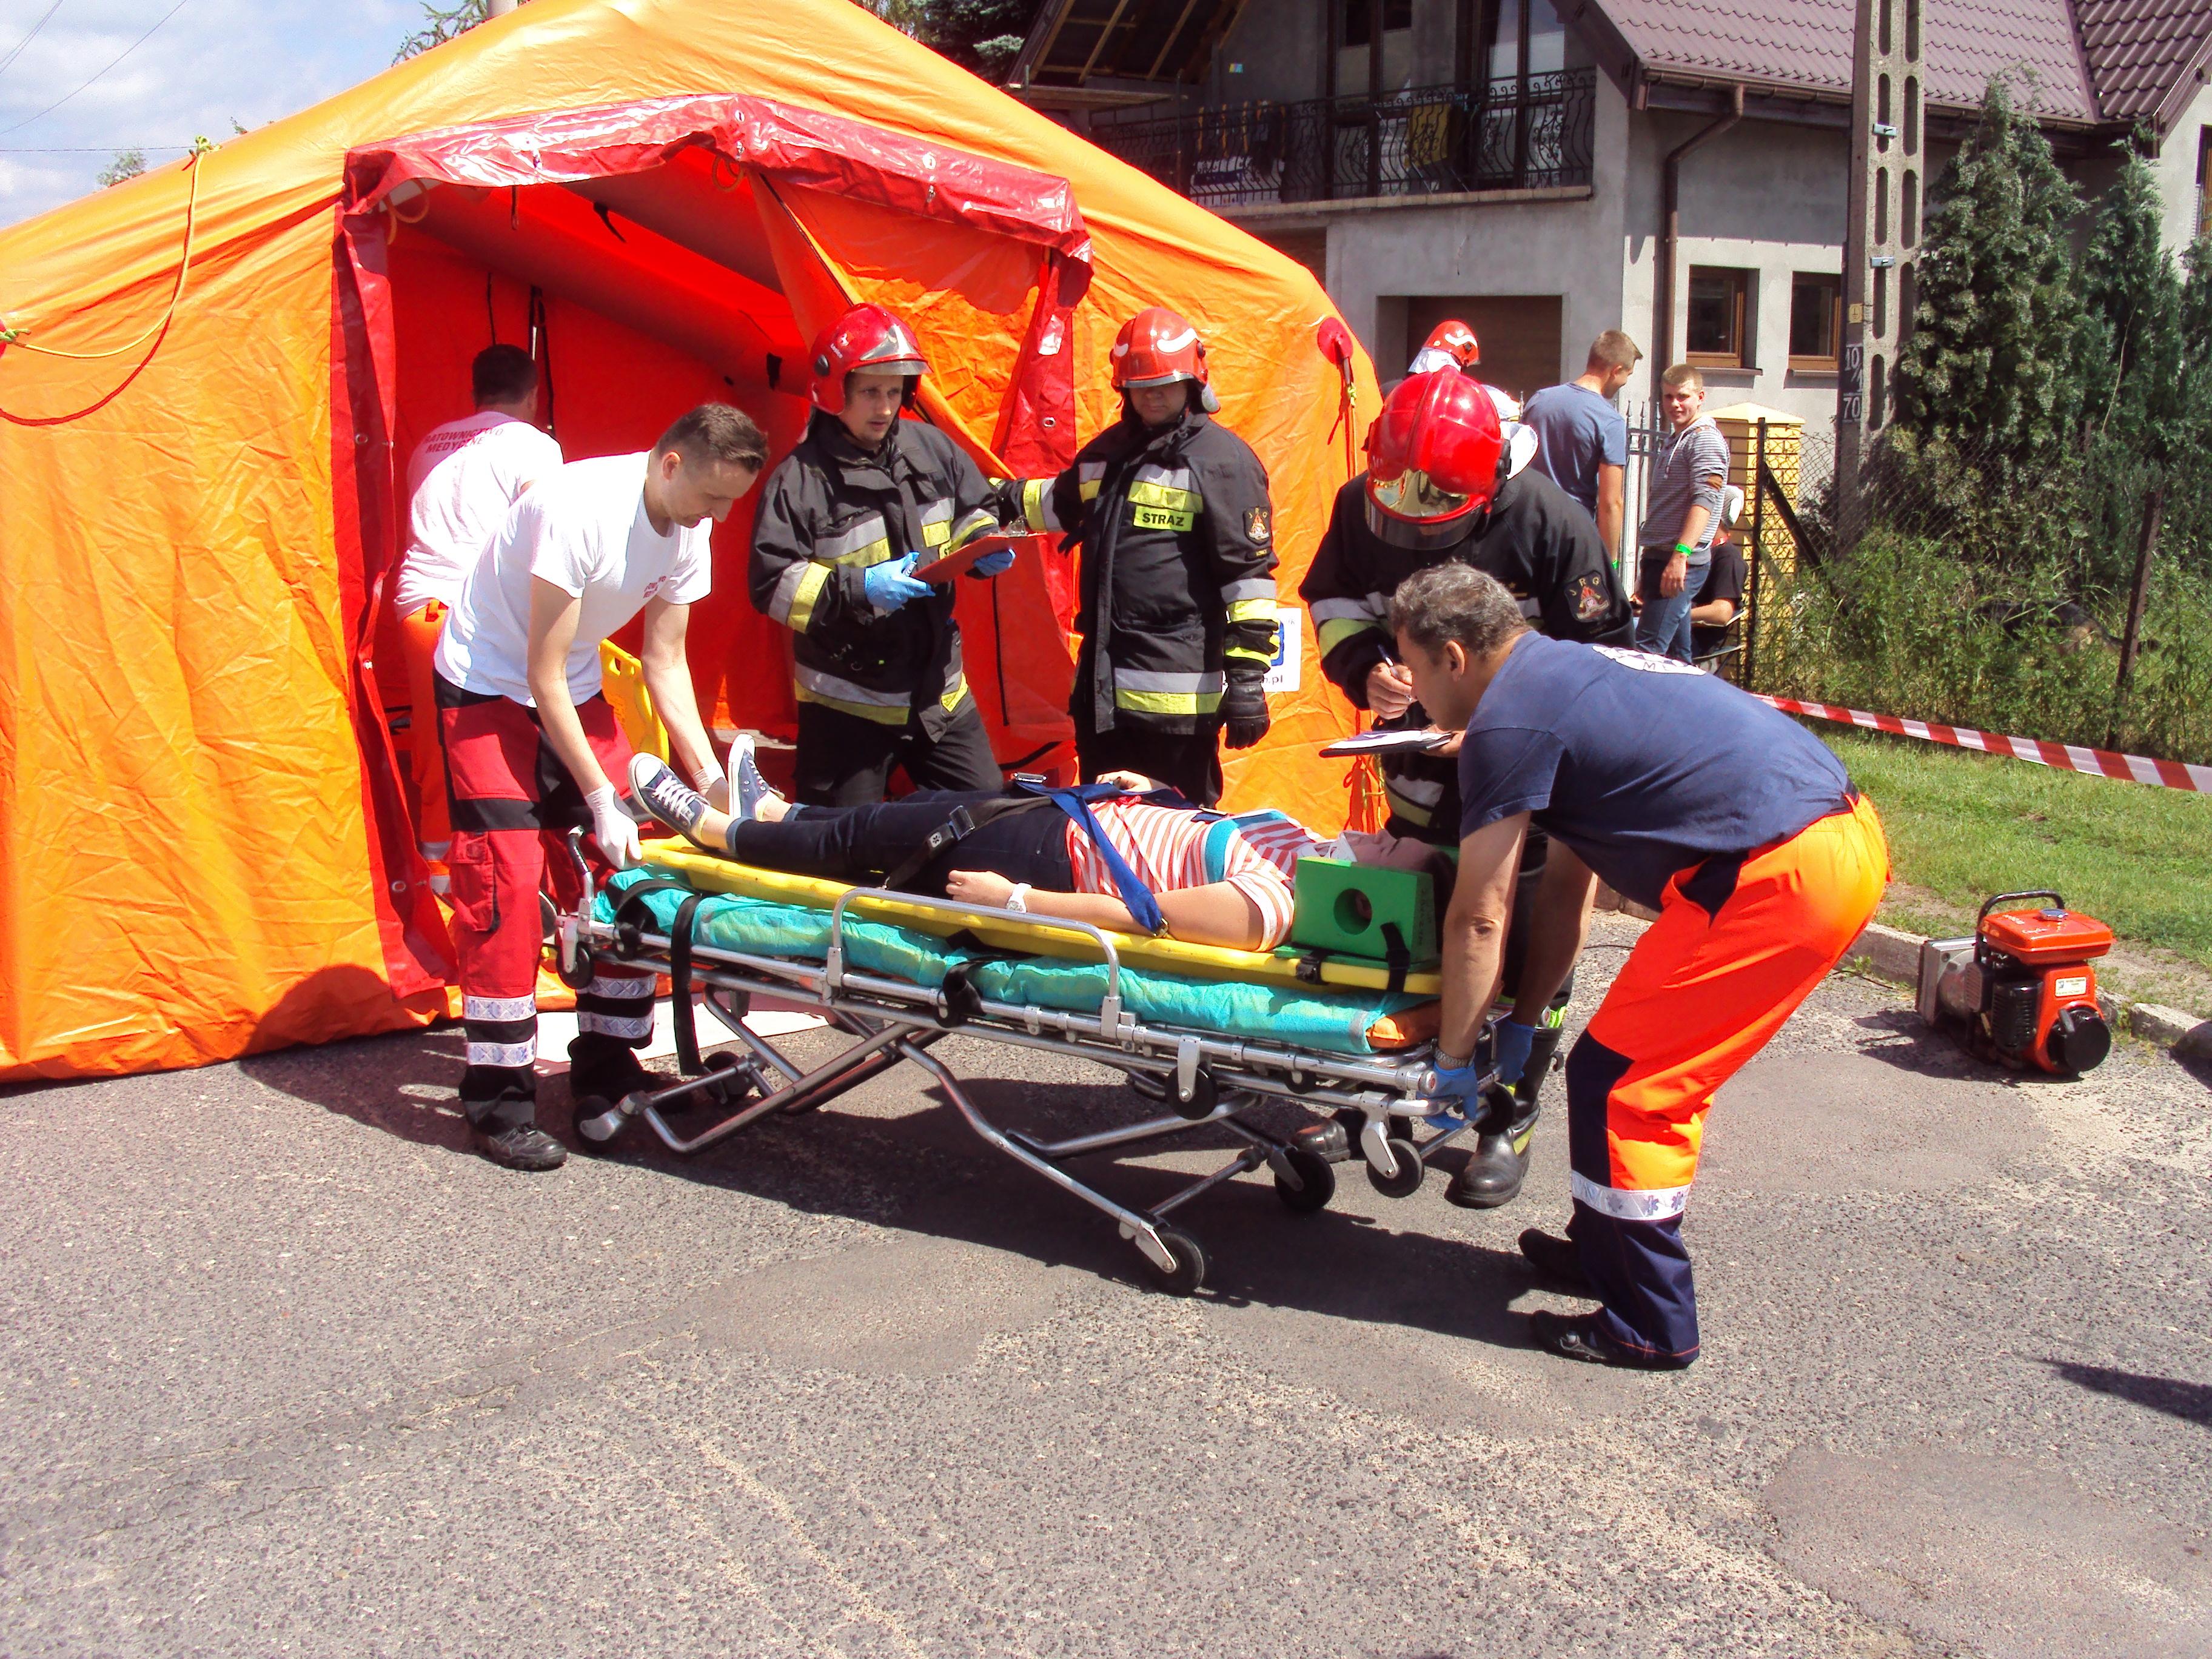 Oglądasz obrazy z artykułu: Ewakuacja szpitala pod kryptonimem TOCZNA 2016